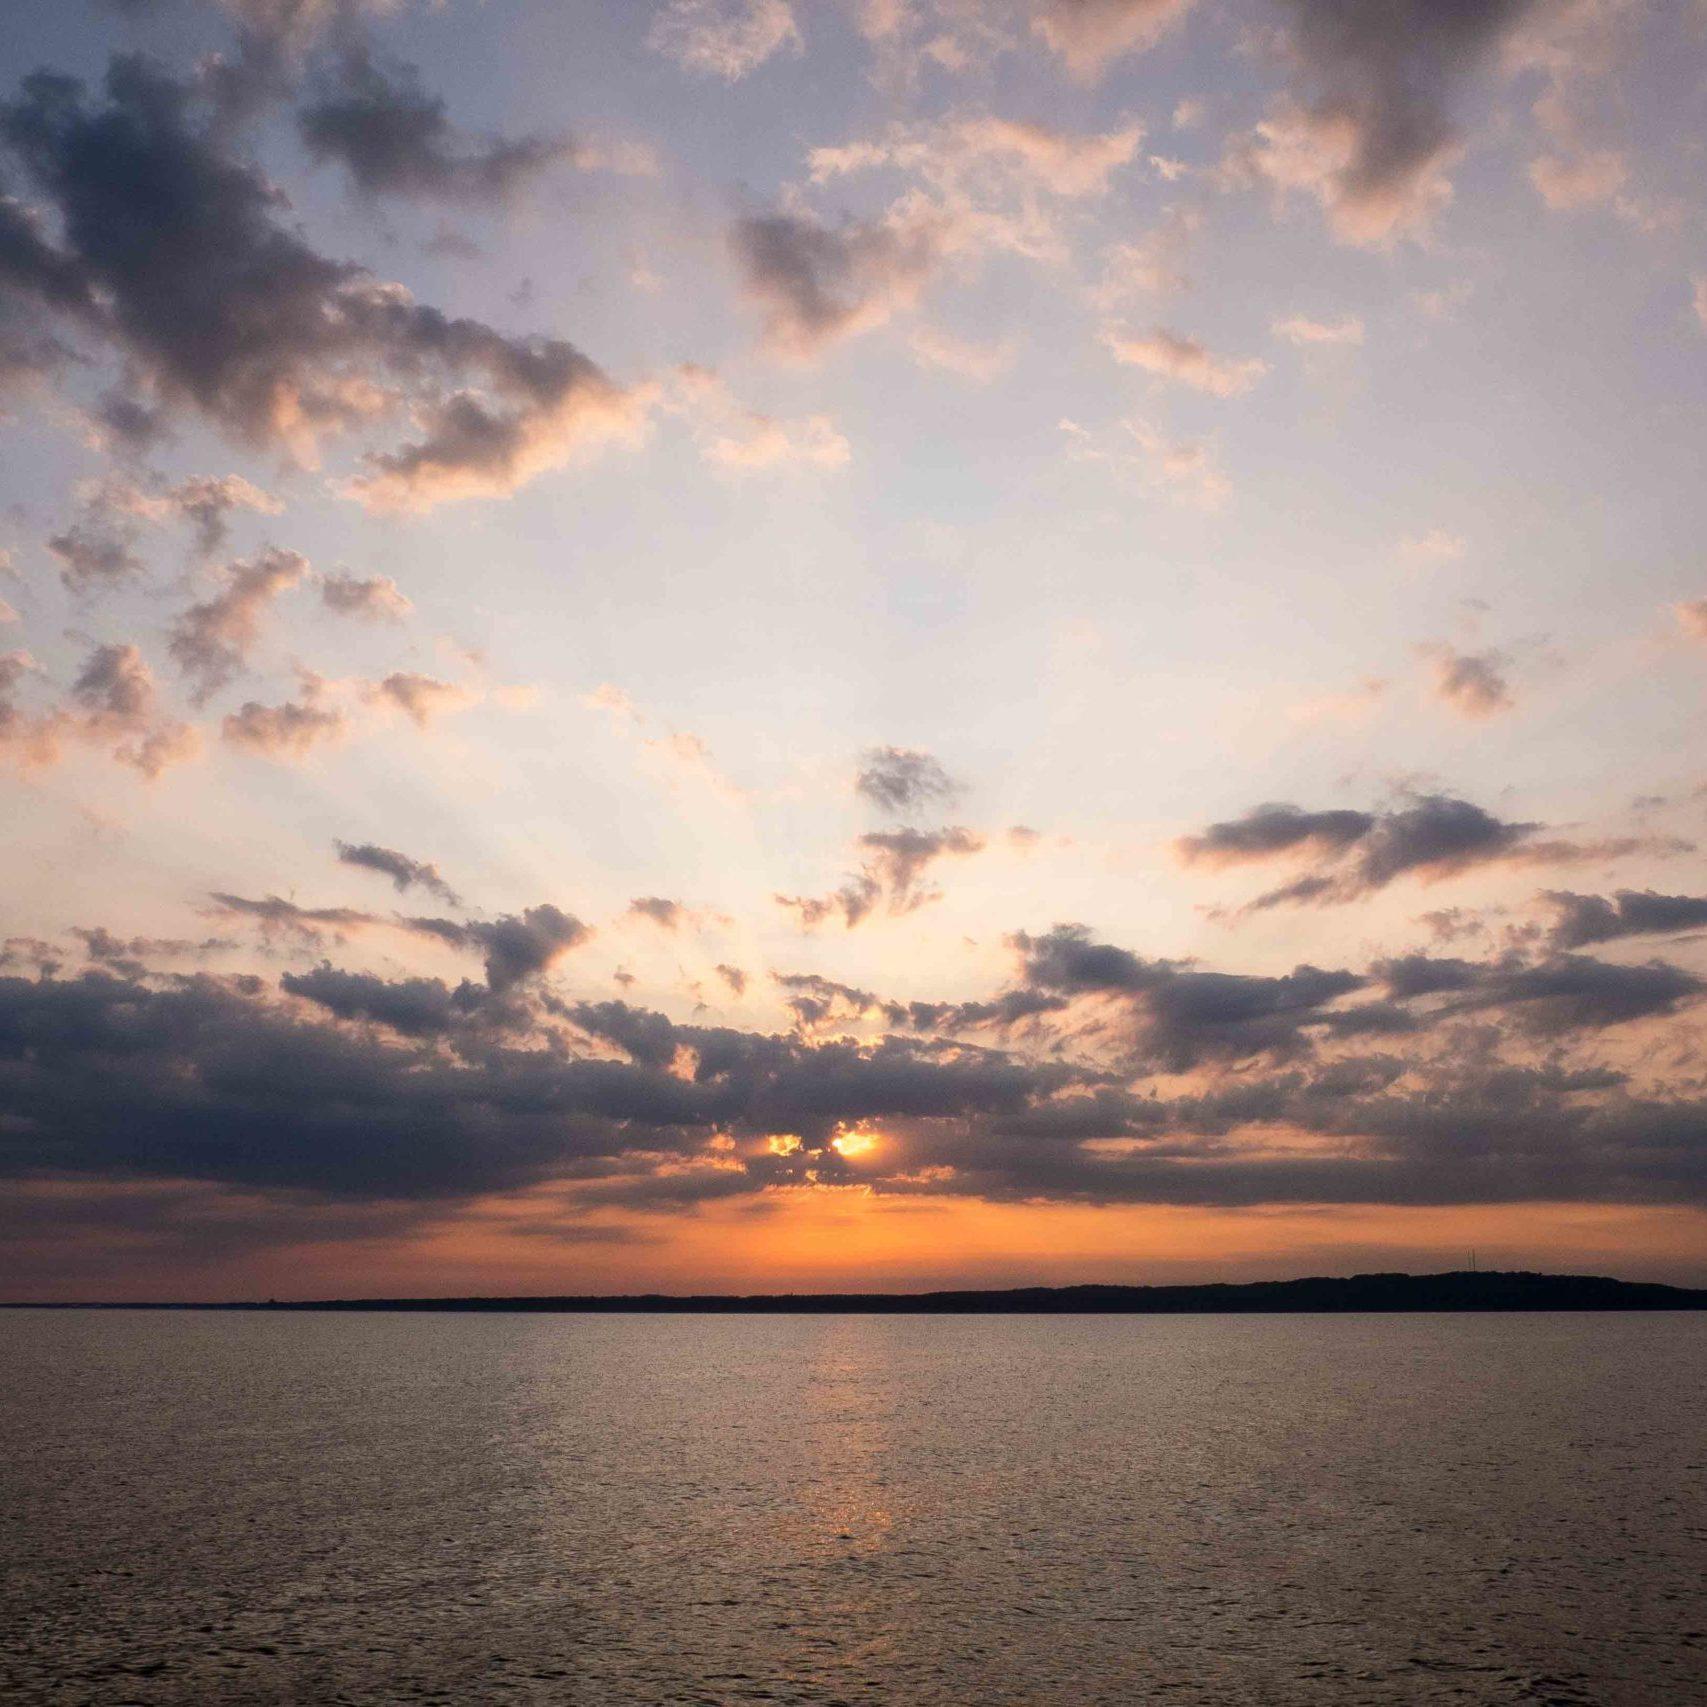 Hanö: ein eigentlich hübscher Sonnenuntergang